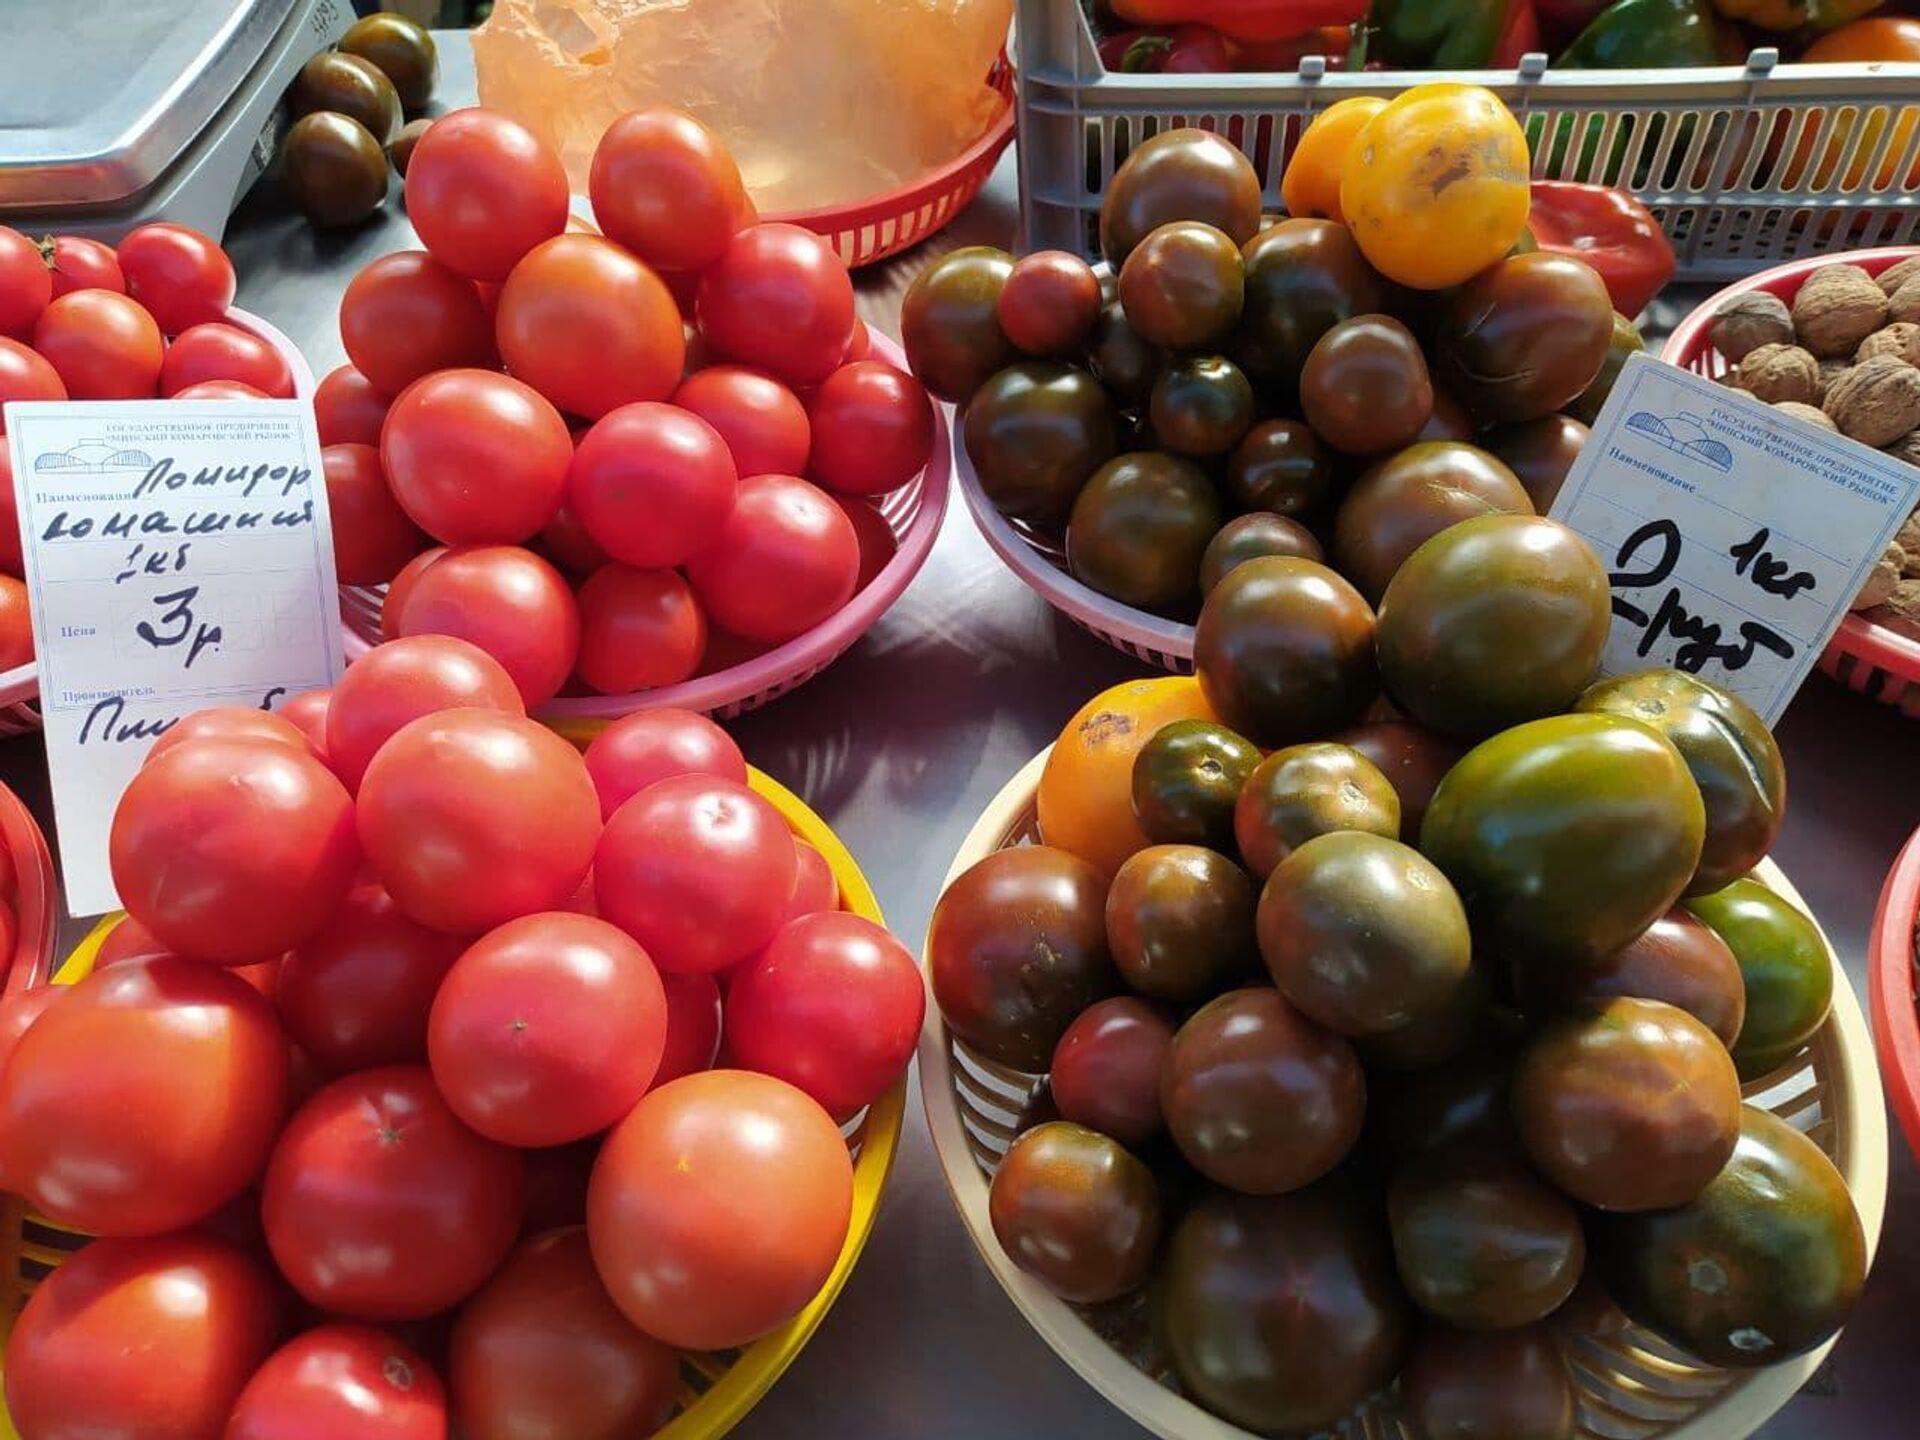 Стоимость помидоров зависит от сорта и размера - Sputnik Беларусь, 1920, 08.10.2021